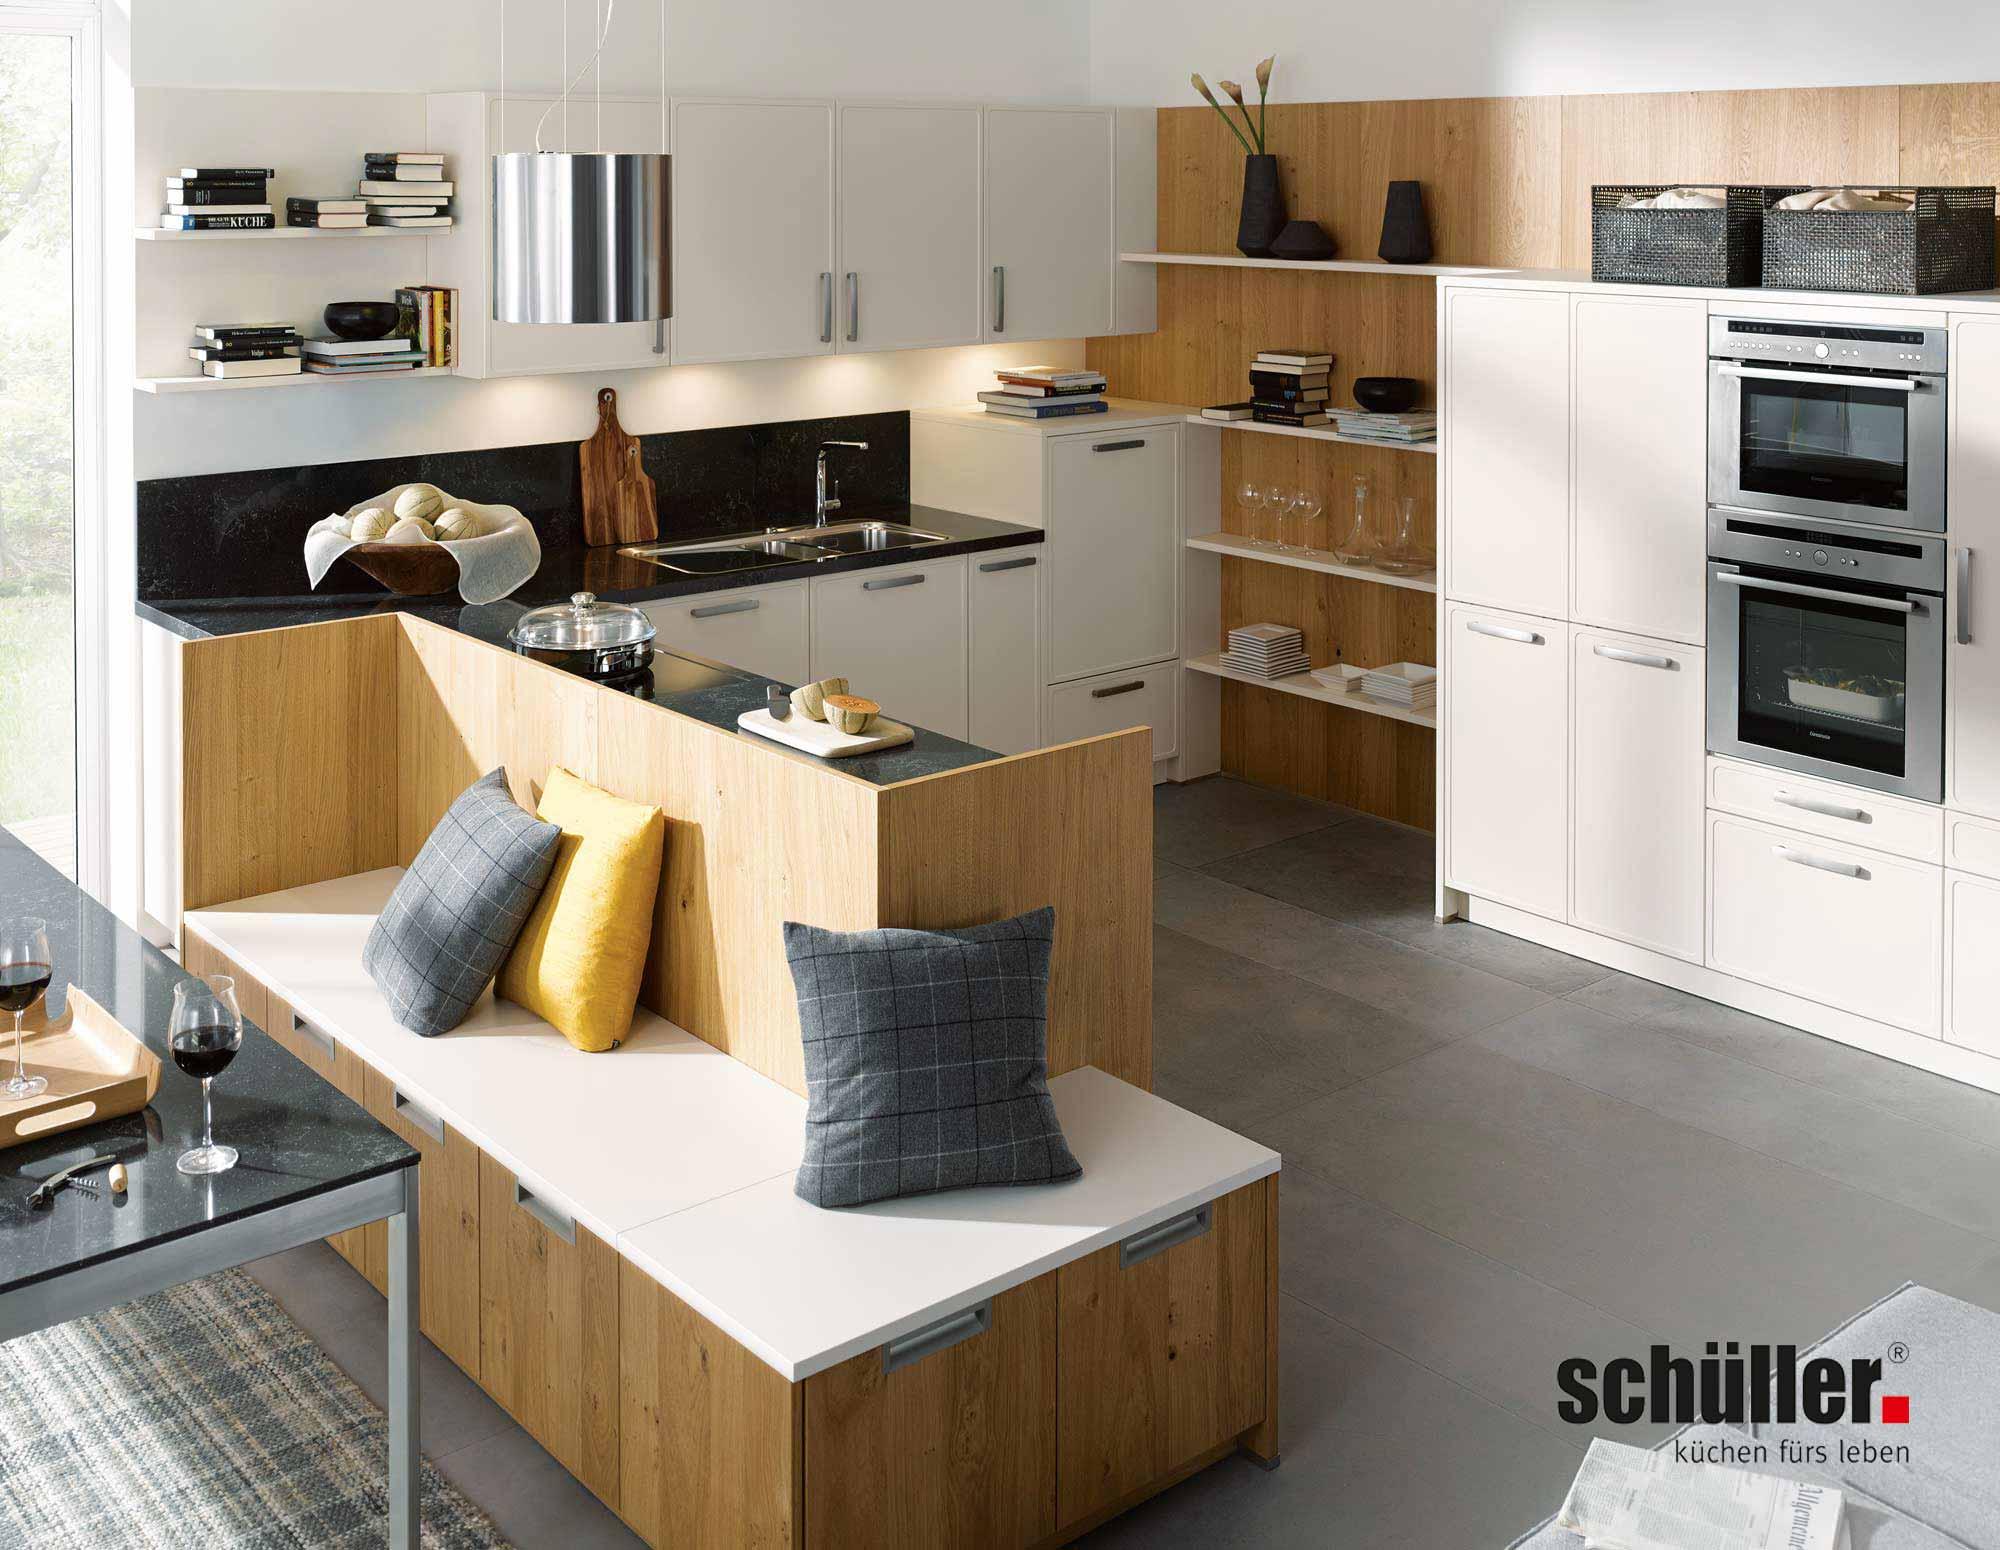 Full Size of Küche Zusammenstellen Online Küche Zusammenstellen Günstig Outdoor Küche Zusammenstellen Ikea Küche Zusammenstellen Küche Küche Zusammenstellen